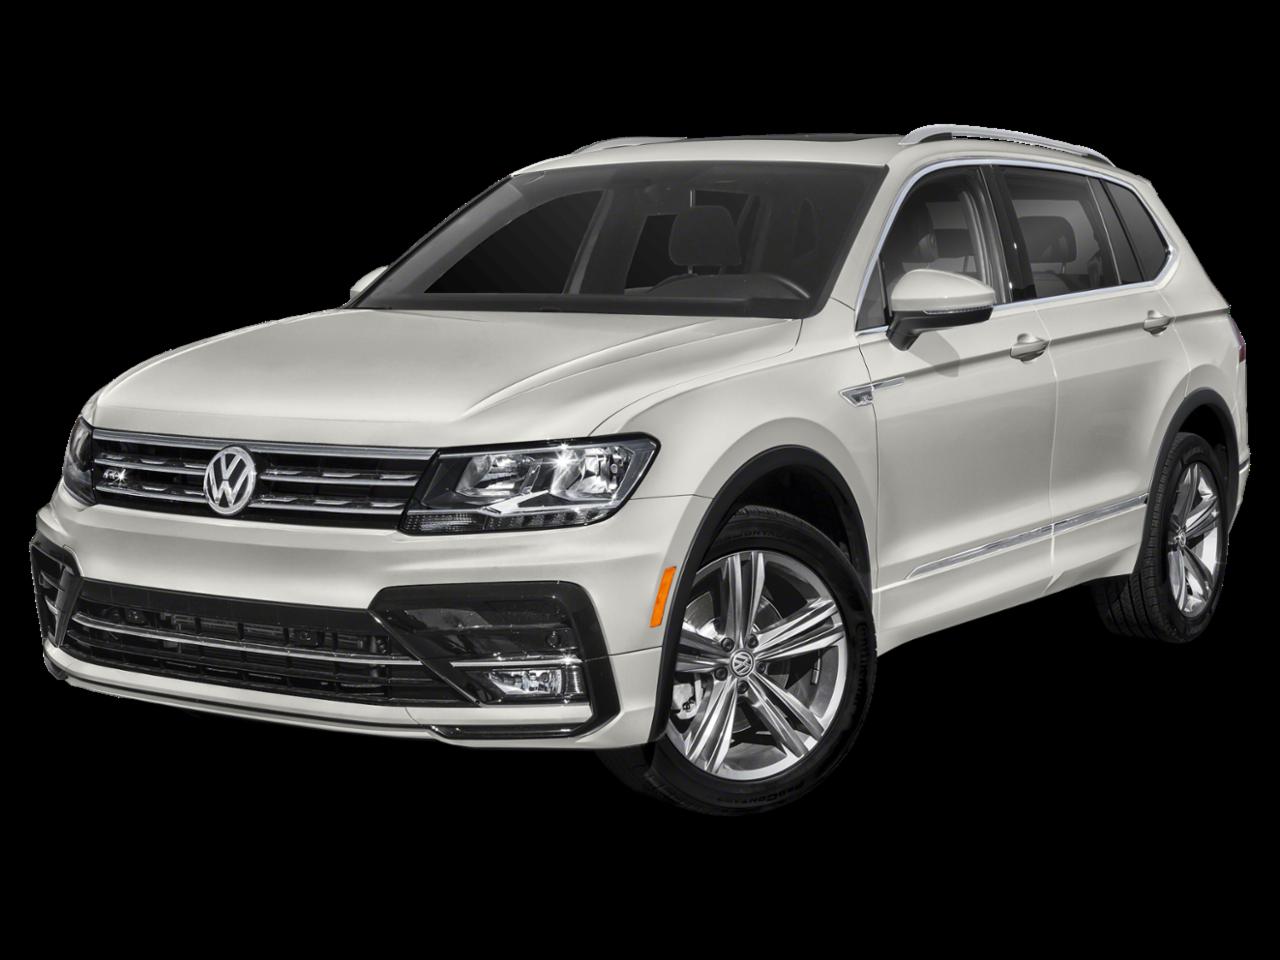 New 2019 Volkswagen Tiguan SEL R-Line Black